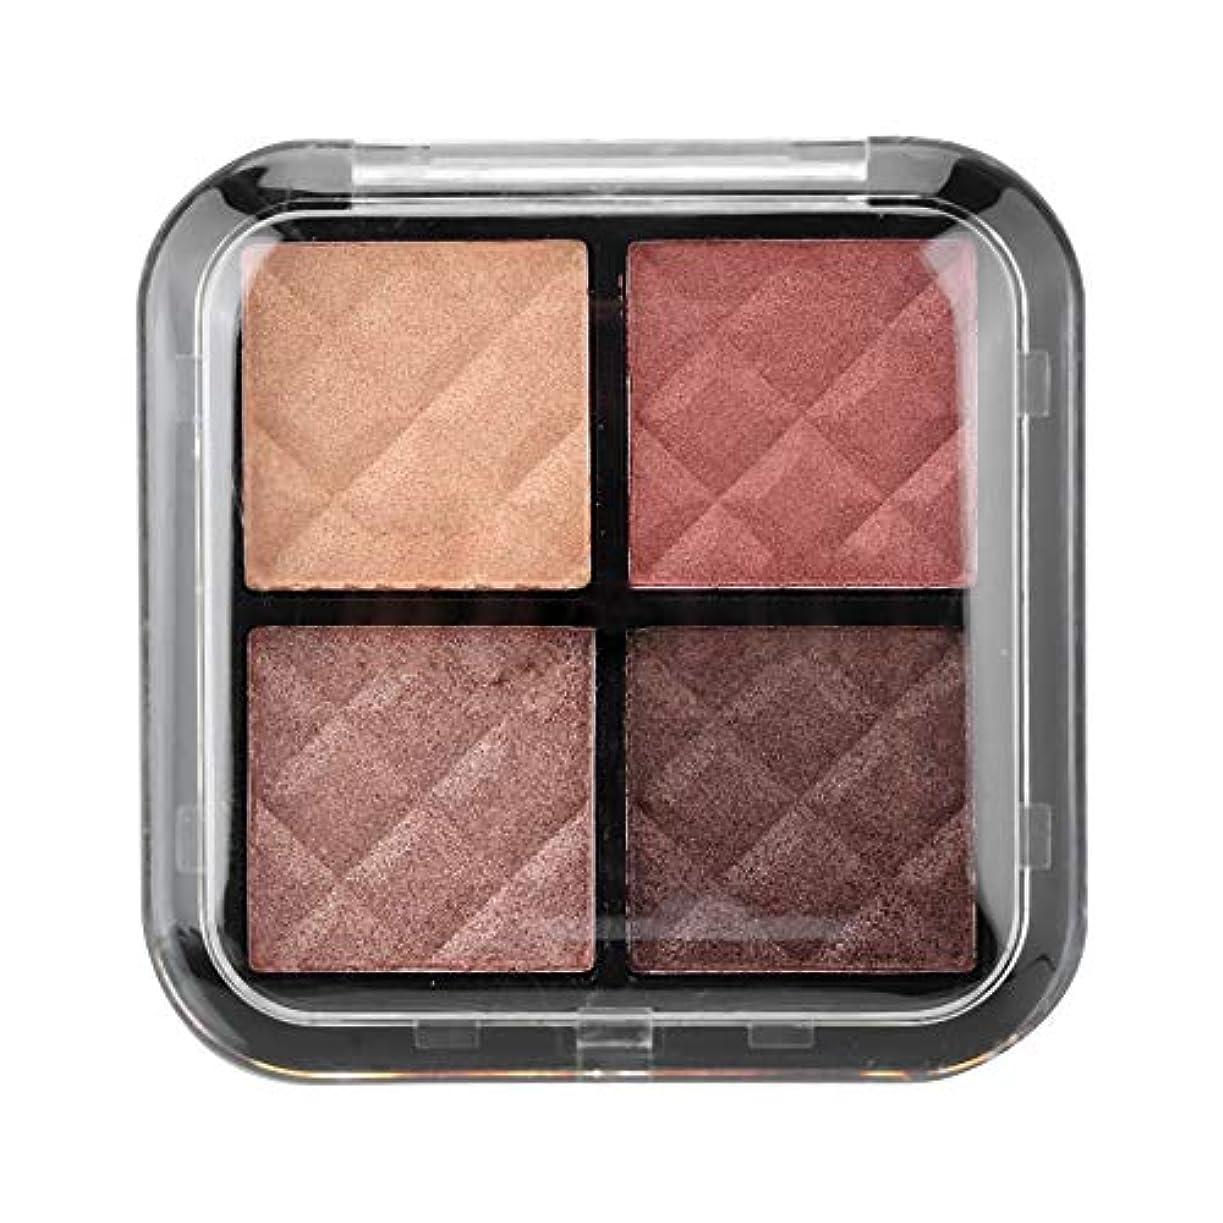 節約の慈悲で拮抗アイシャドウパレット 4色 化粧マット 化粧品ツール グロス アイシャドウパウダー(01)